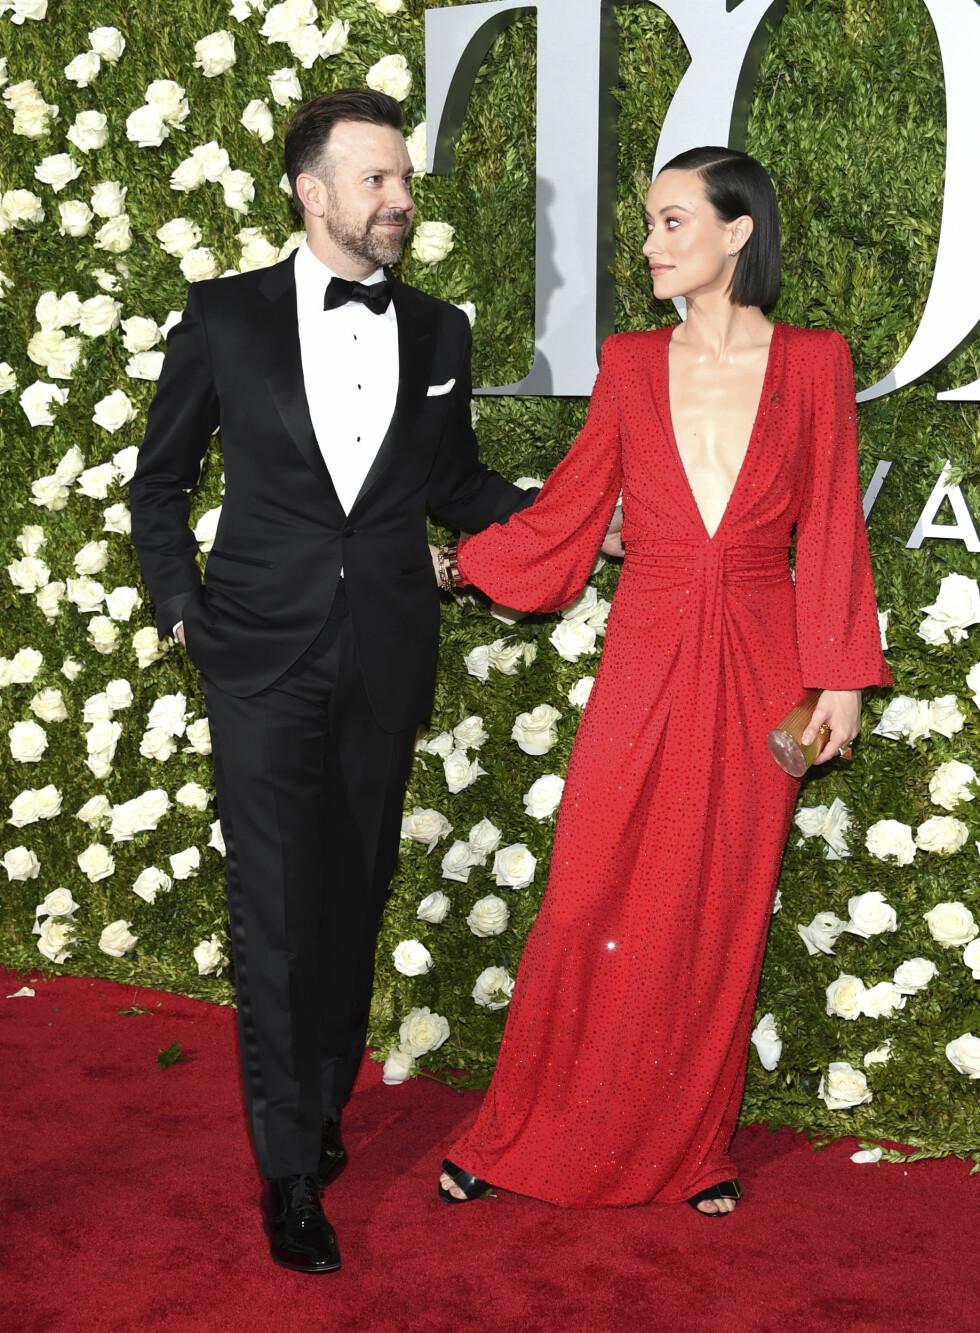 TONY AWARDS: Skuespiller Olivia Wilde i en spesialdesignet kjole fra Michael Kors. Ingen tvil om at ektemannen Jason Sudeikis var stolt av sin flotte kone! Foto: NTB Scanpix